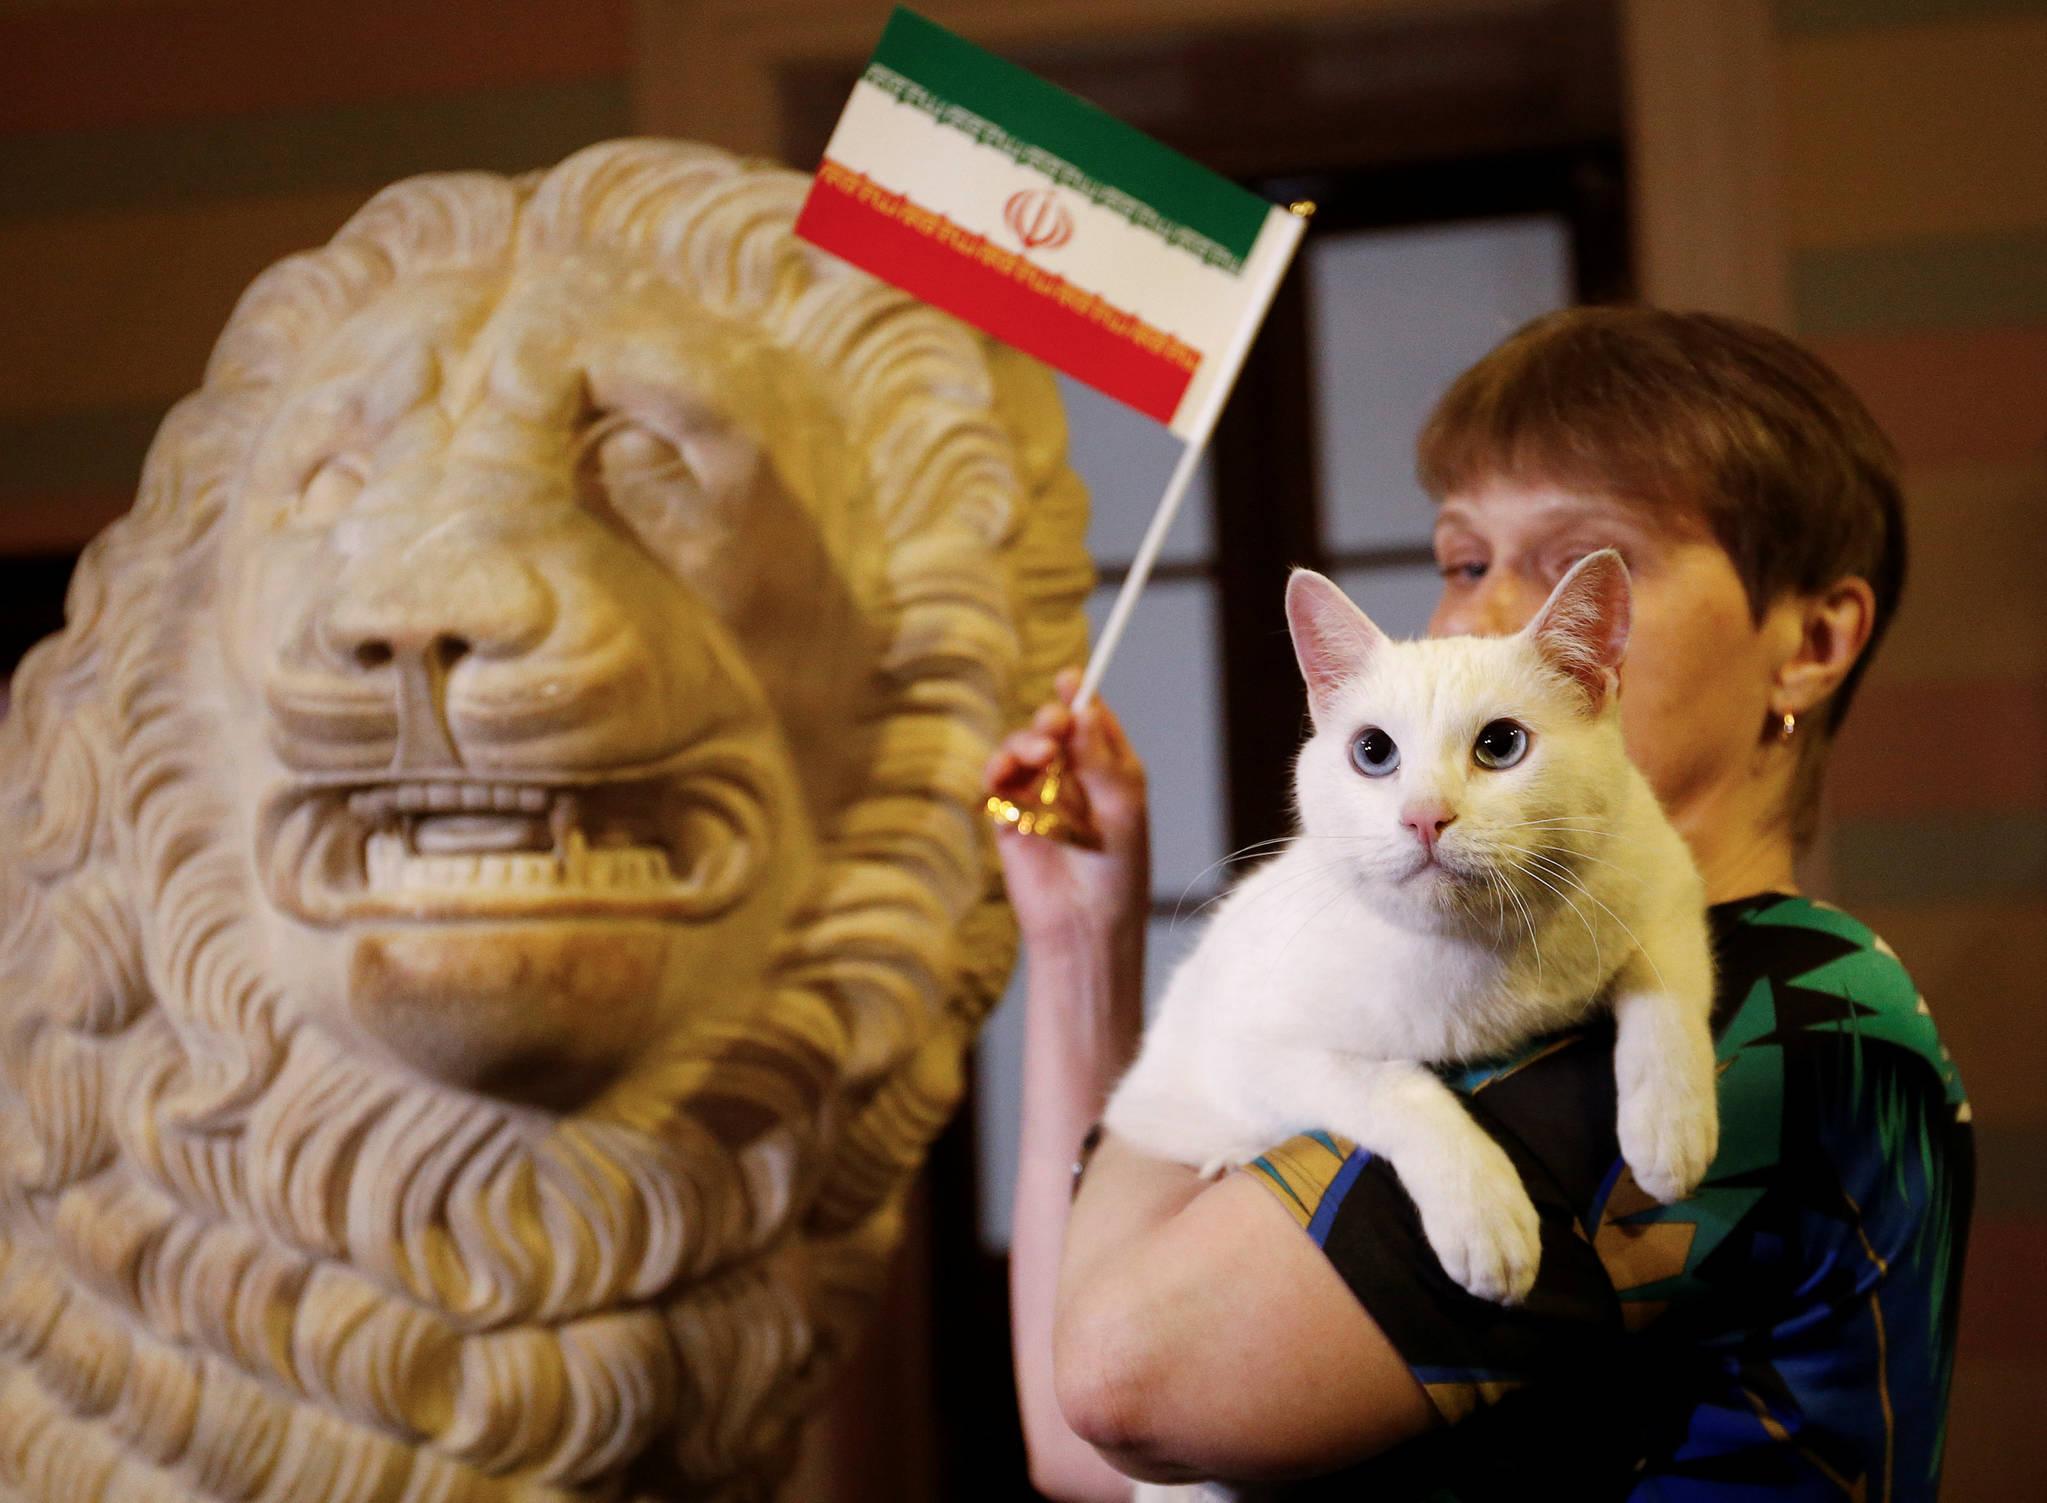 월드컵 고양이' 아킬레스가 15일(현지시간) 러시아 상트페테르부르크의 월드컵 기자회견장에서 열린 승리팀 예측 행사에서 이란을 선택했다. 한국시간으로 오전 1시에 열린 모로코와 이란의 경기는 모로코의 자책골로 이란이 1대0의 승리를 거뒀다. [로이터=연합뉴스]